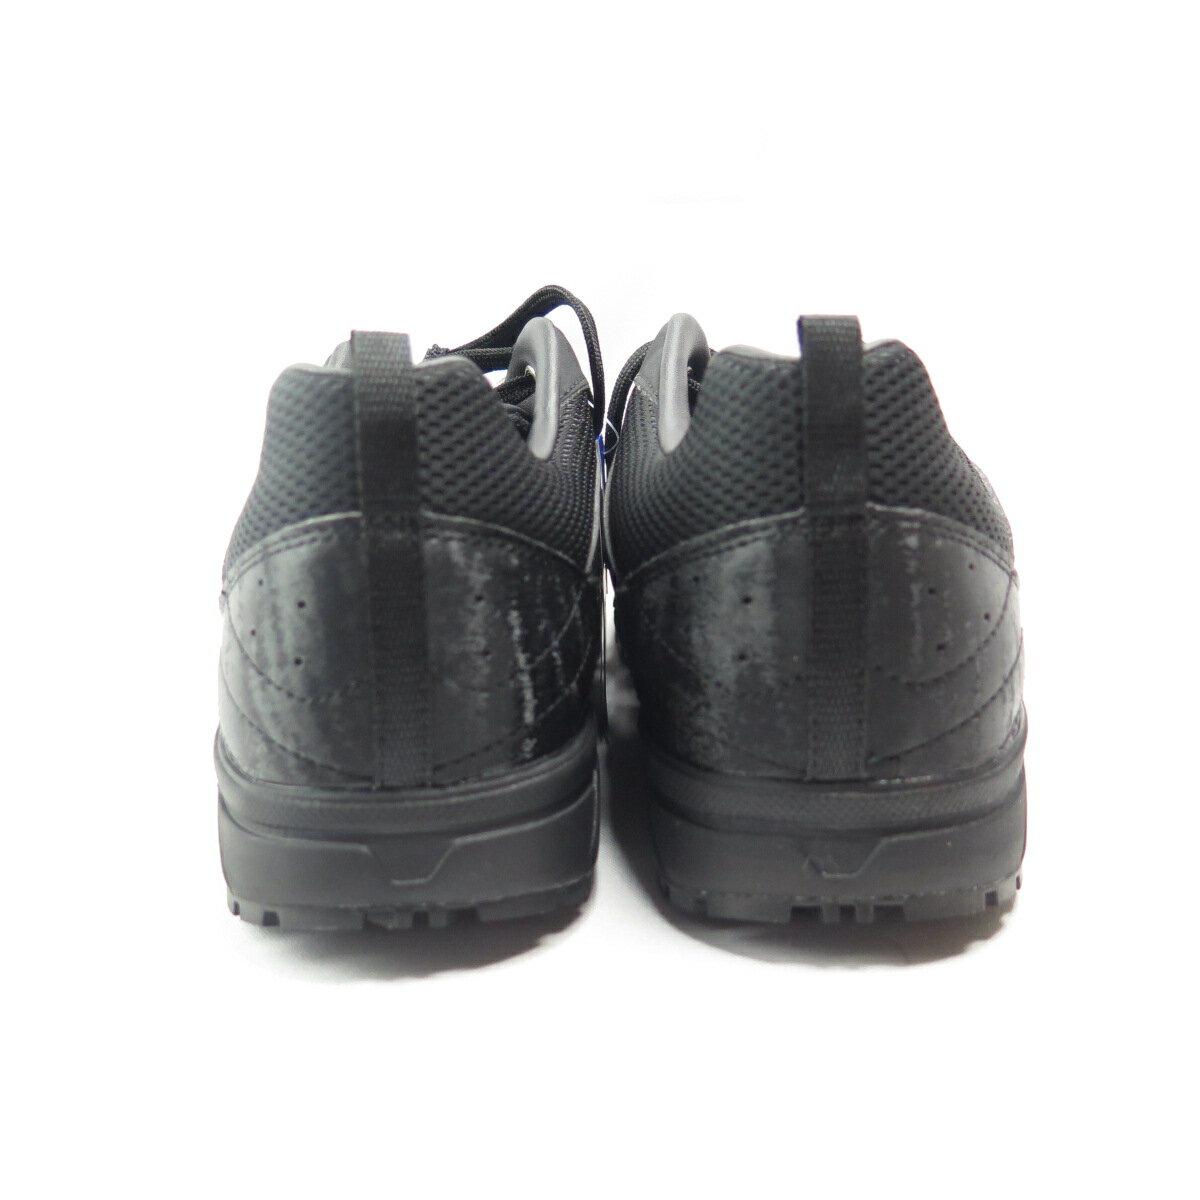 【滿額領券折$150】Mizuno VS防護鞋 男款 工作安全鞋 F1GA201009 全黑【iSport愛運動】